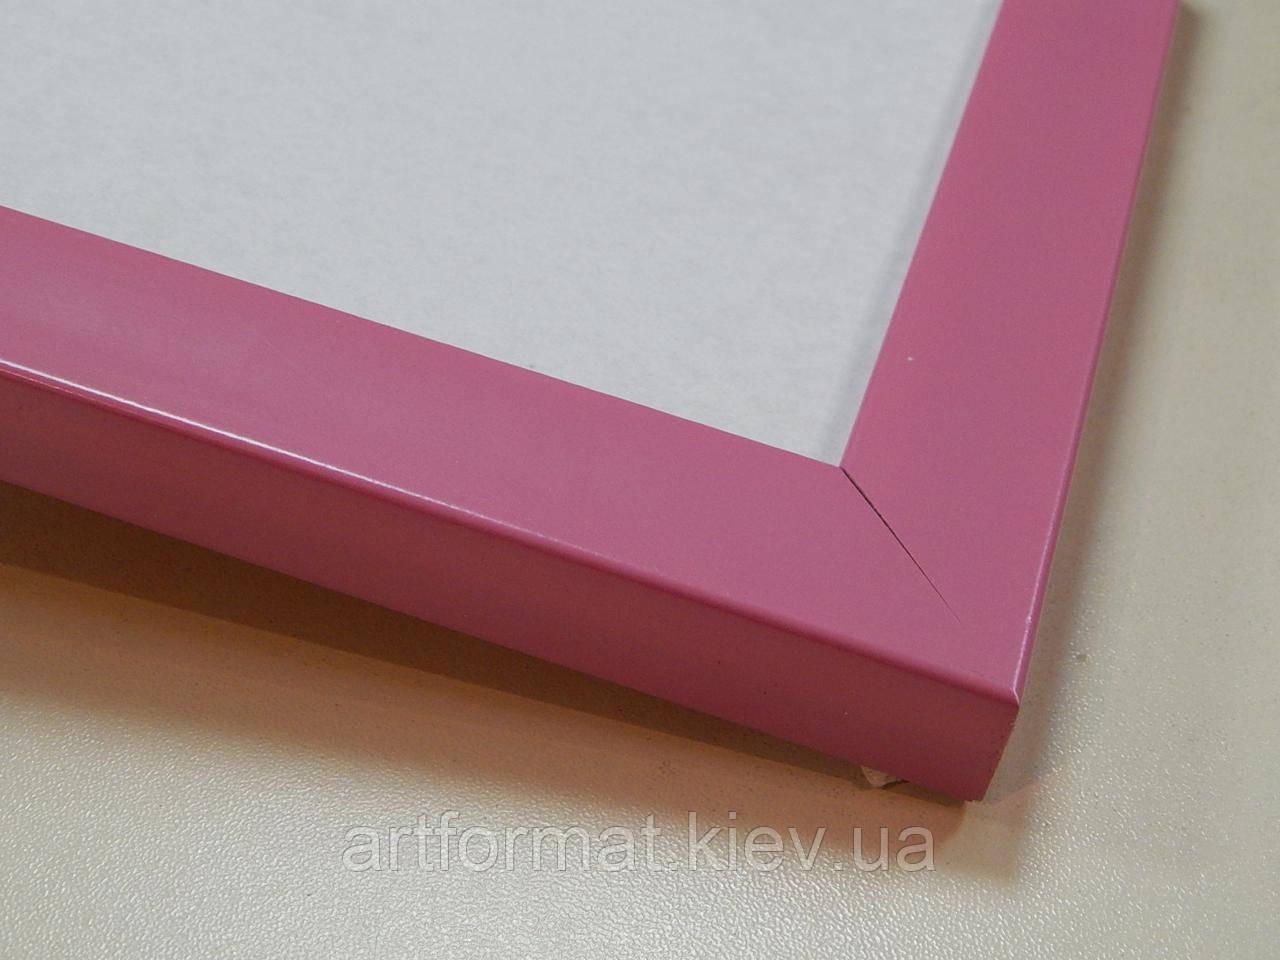 Рамка А2 (420Х594).22 мм.Розовый.Пластик